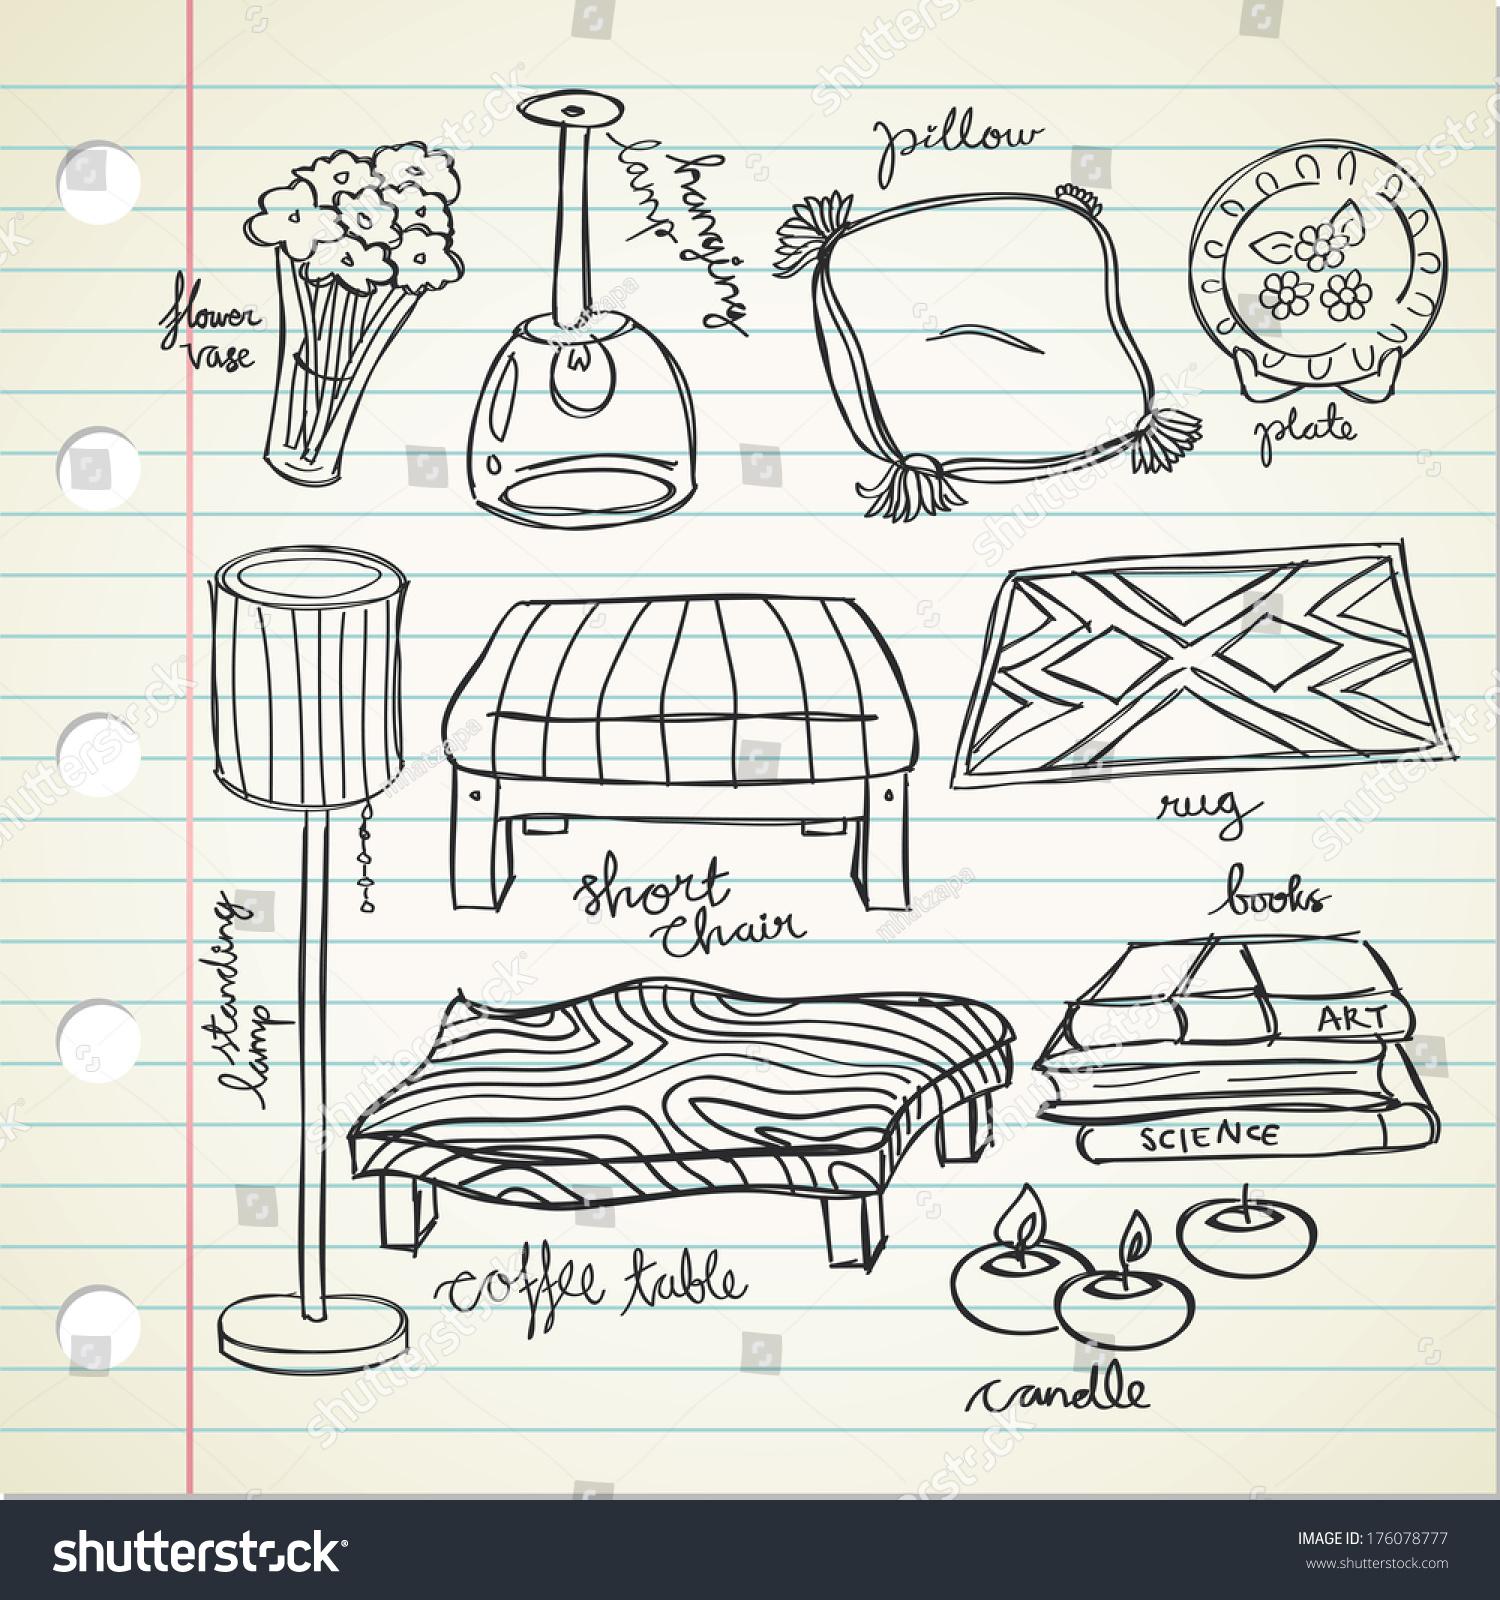 Living Room Stuff Stock Illustration 176078777 - Shutterstock